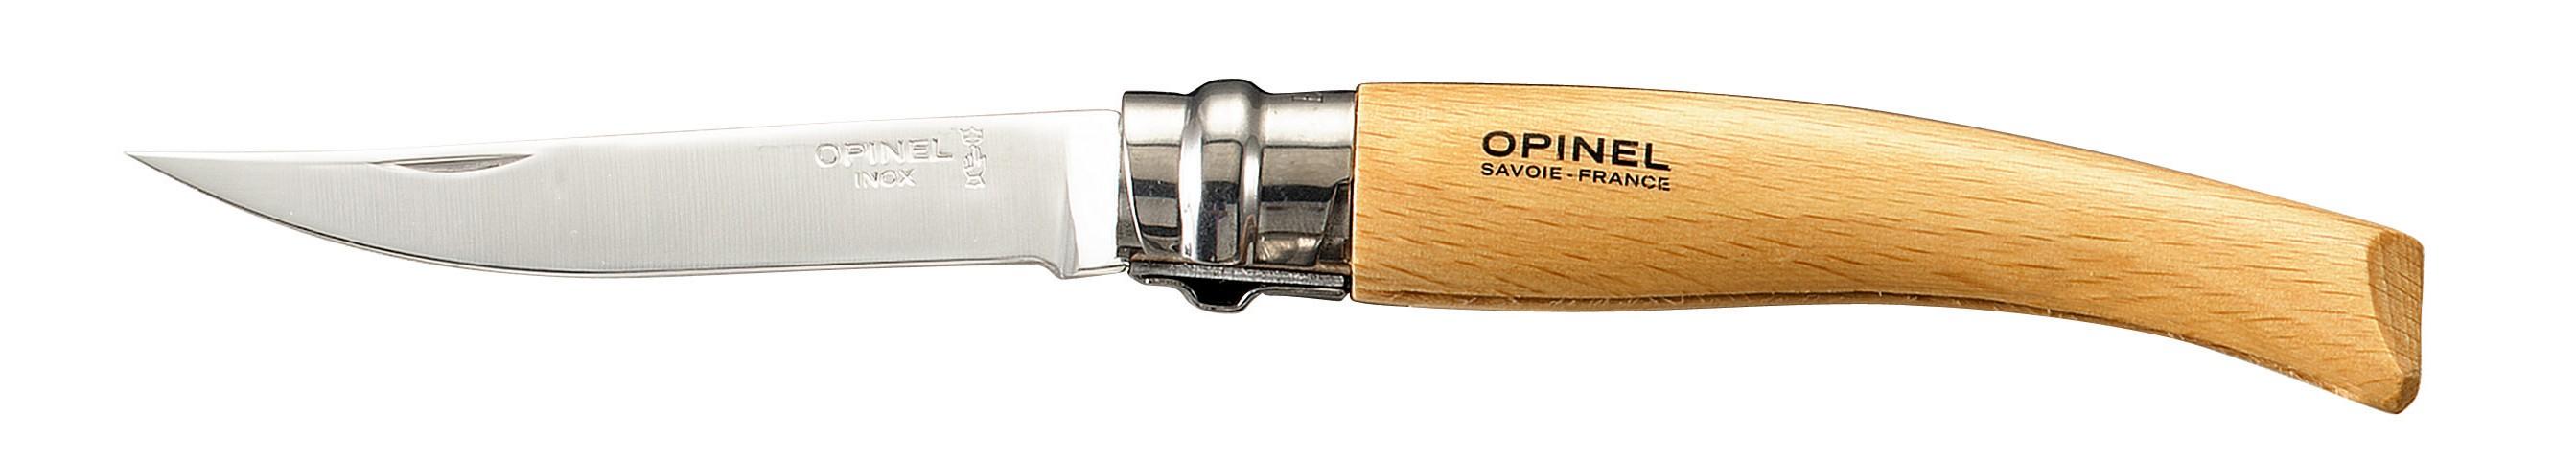 Opinel VR N°08 Slim Inox, 8 cm